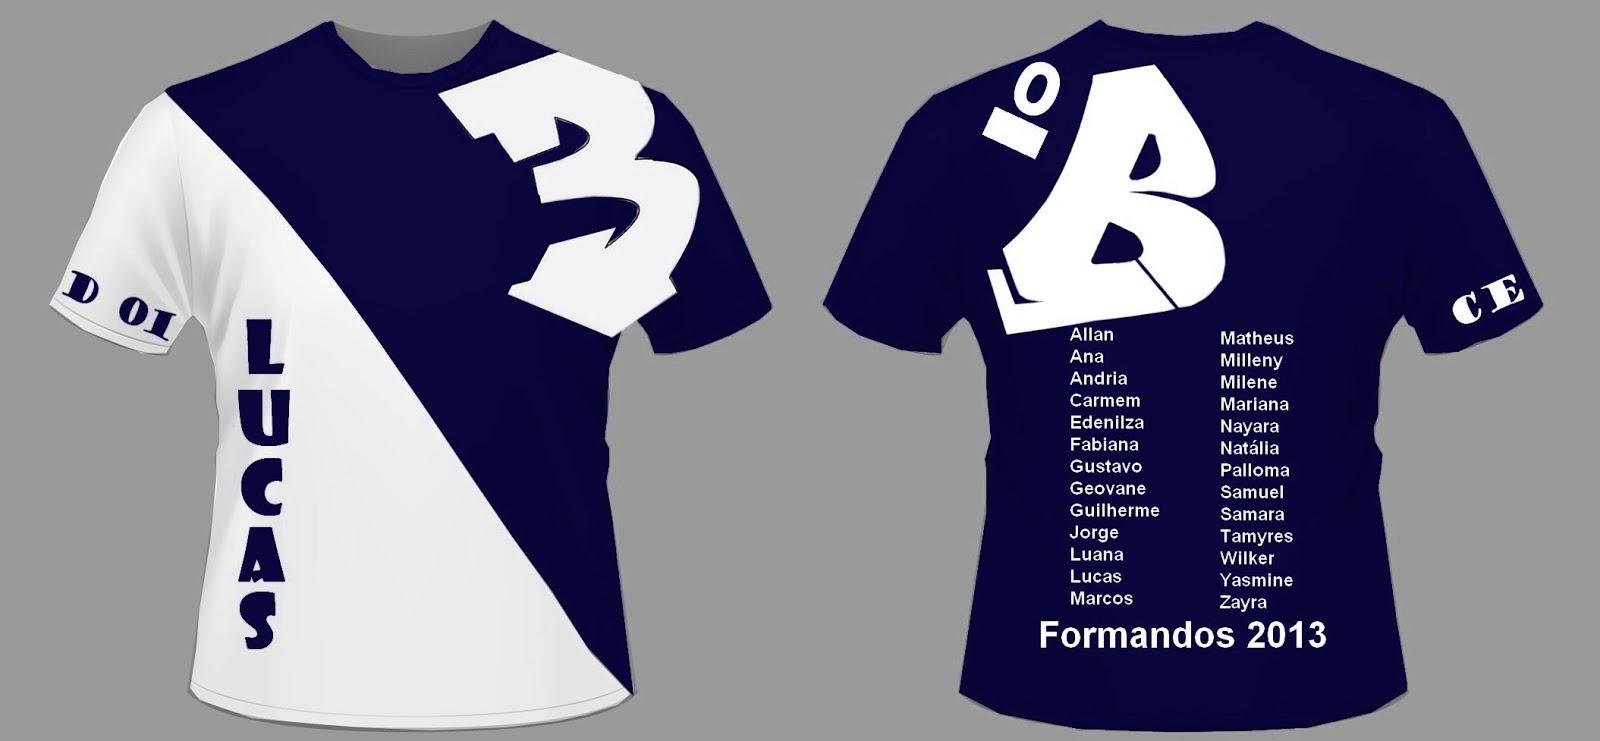 Imagens para camiseta de formandos - Diário da Wikipedista